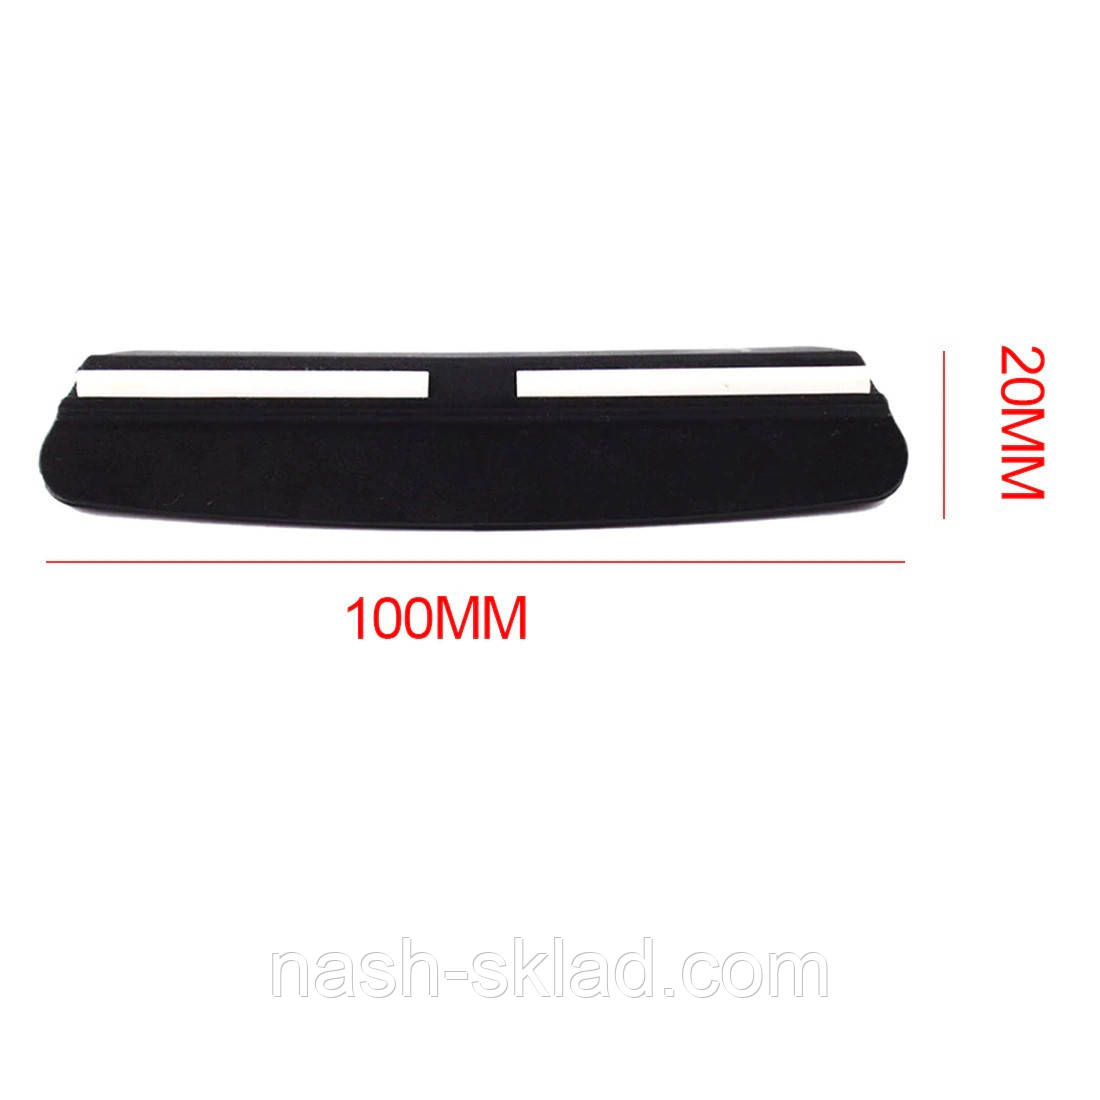 Направляющая для заточки ножей, 10 смx 2см